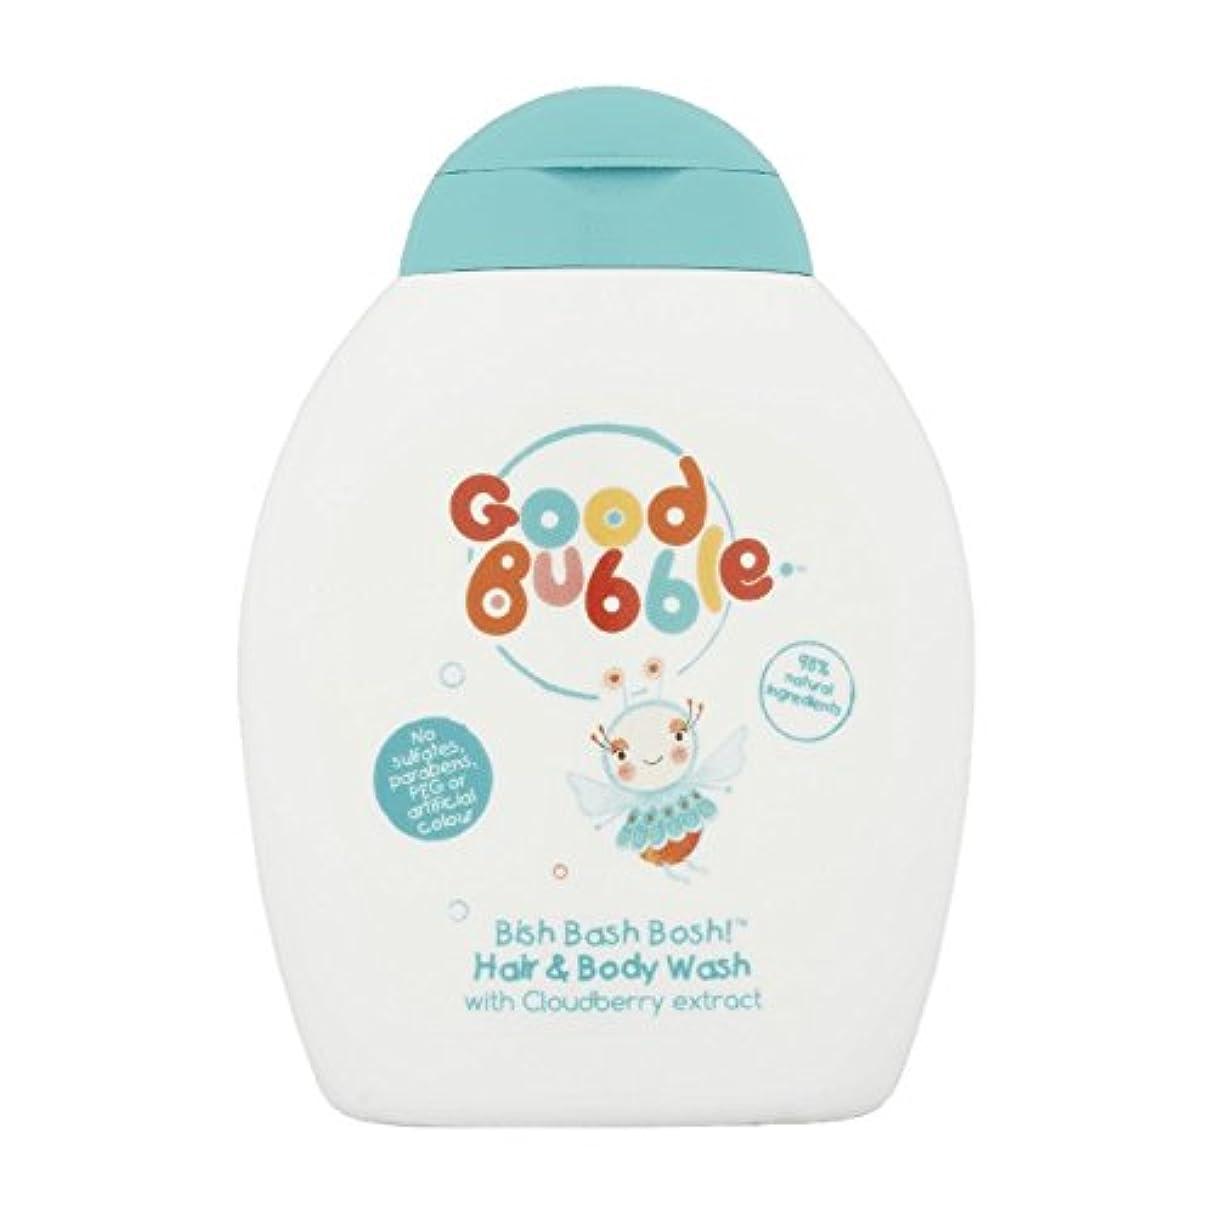 フレームワークパウダー気球Good Bubble Cloudberry Hair & Body Wash 250ml (Pack of 6) - 良いバブルクラウドベリーヘア&ボディウォッシュ250ミリリットル (x6) [並行輸入品]